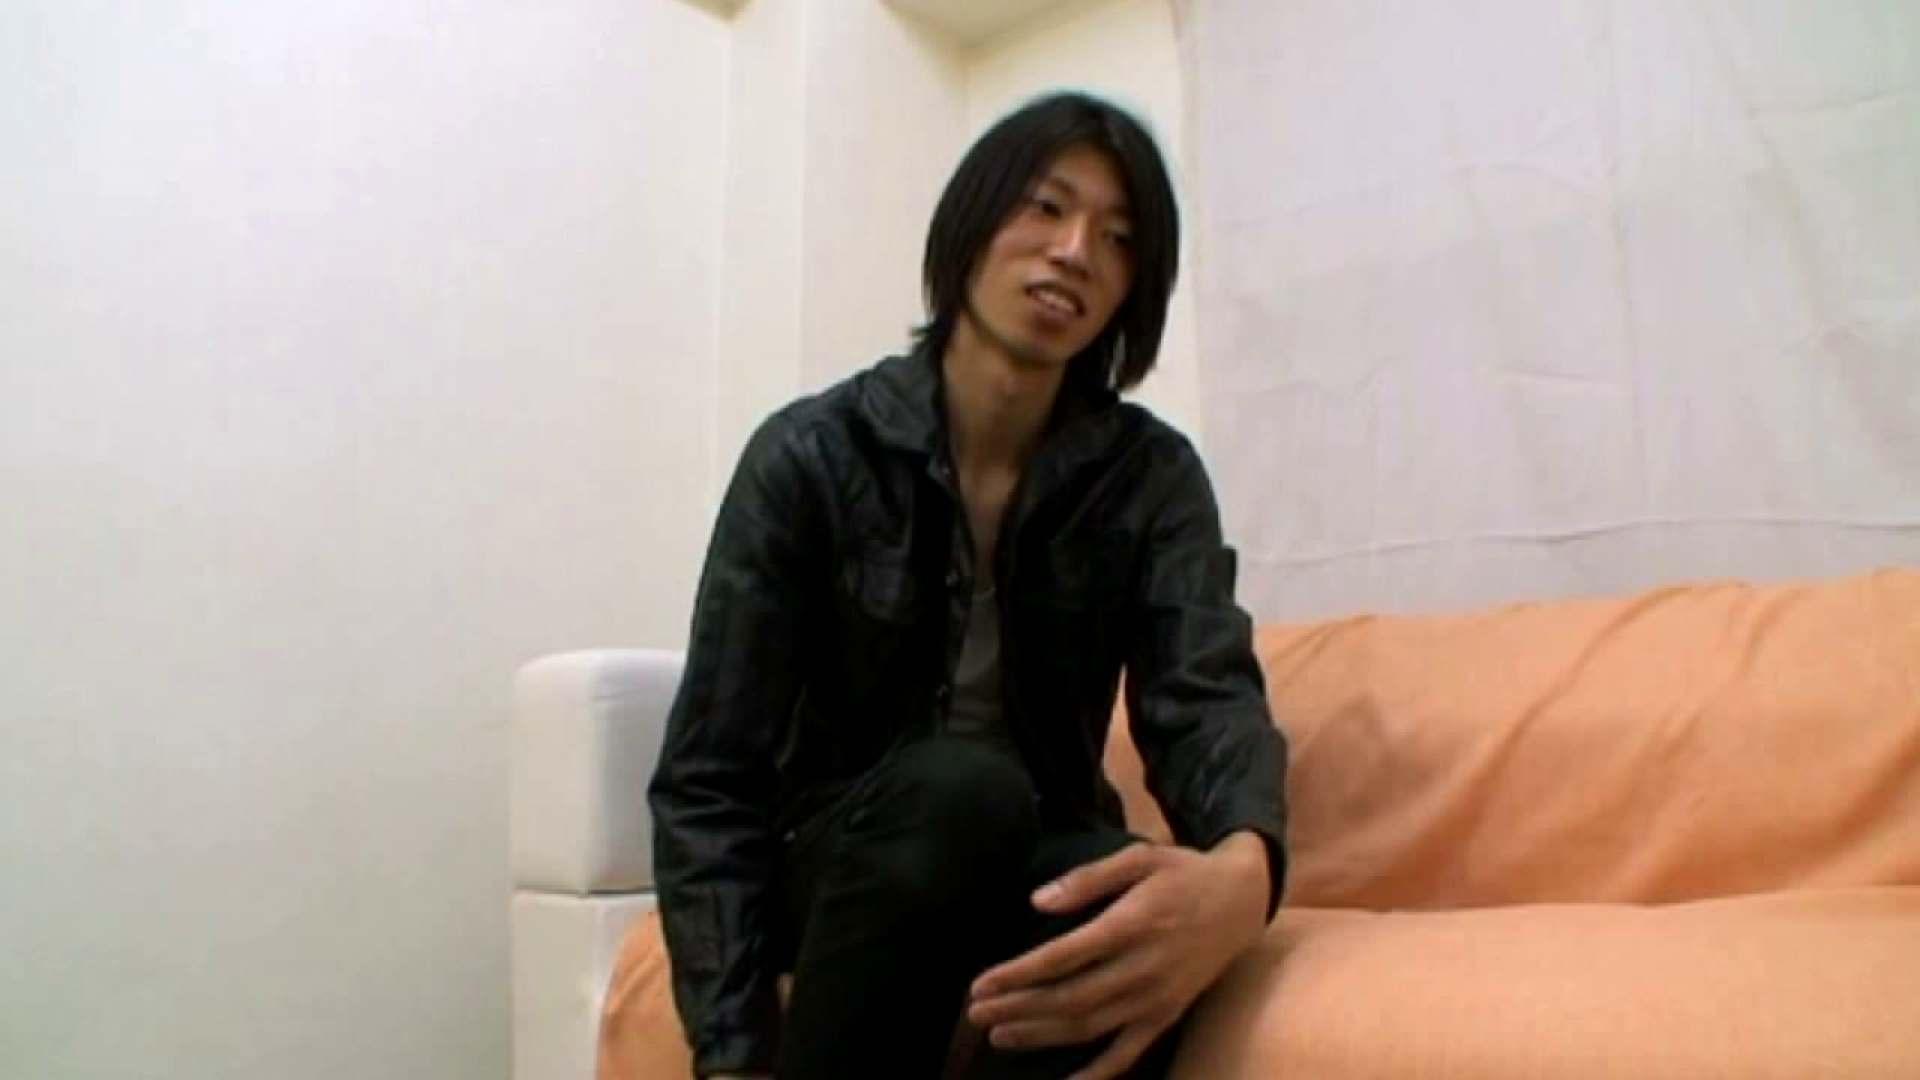 ノンケ!自慰スタジオ No.36 ハメ撮り放出 ゲイエロビデオ画像 101pic 32